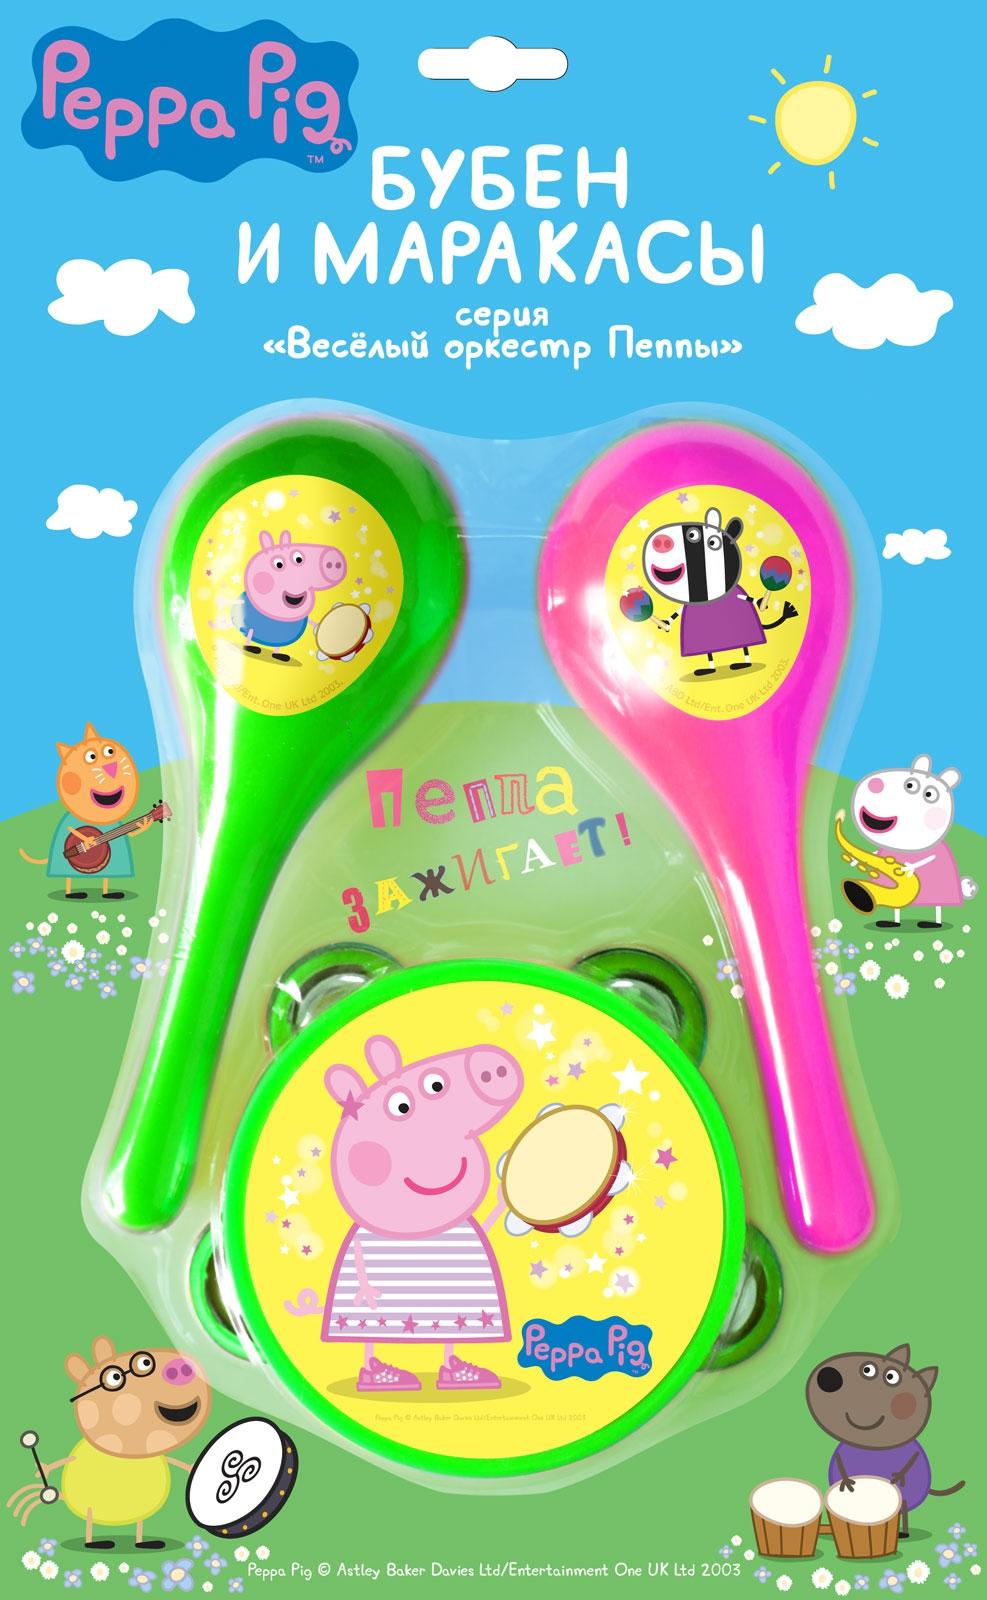 Peppa Pig Peppa Pig Бубен и маракасы музыкальные игрушки meinl маракасы деревянные nino7pd b